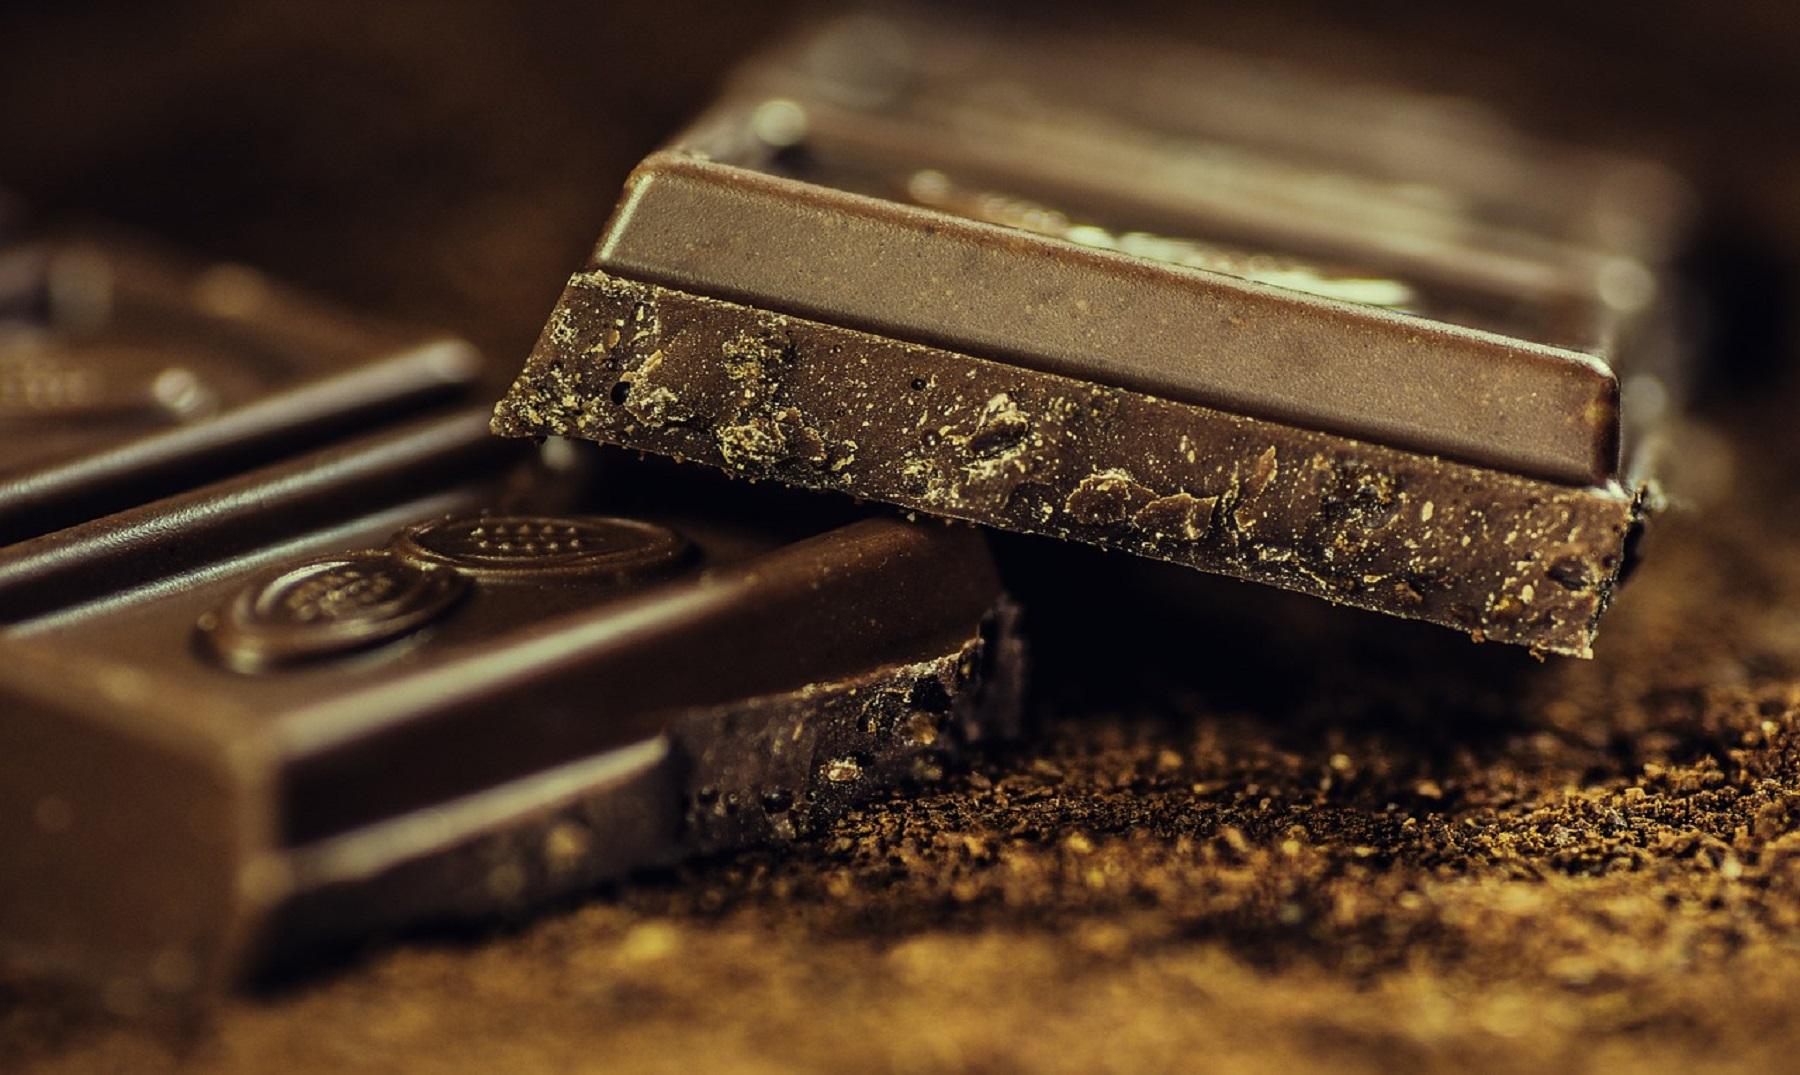 La moda de esnifar chocolate